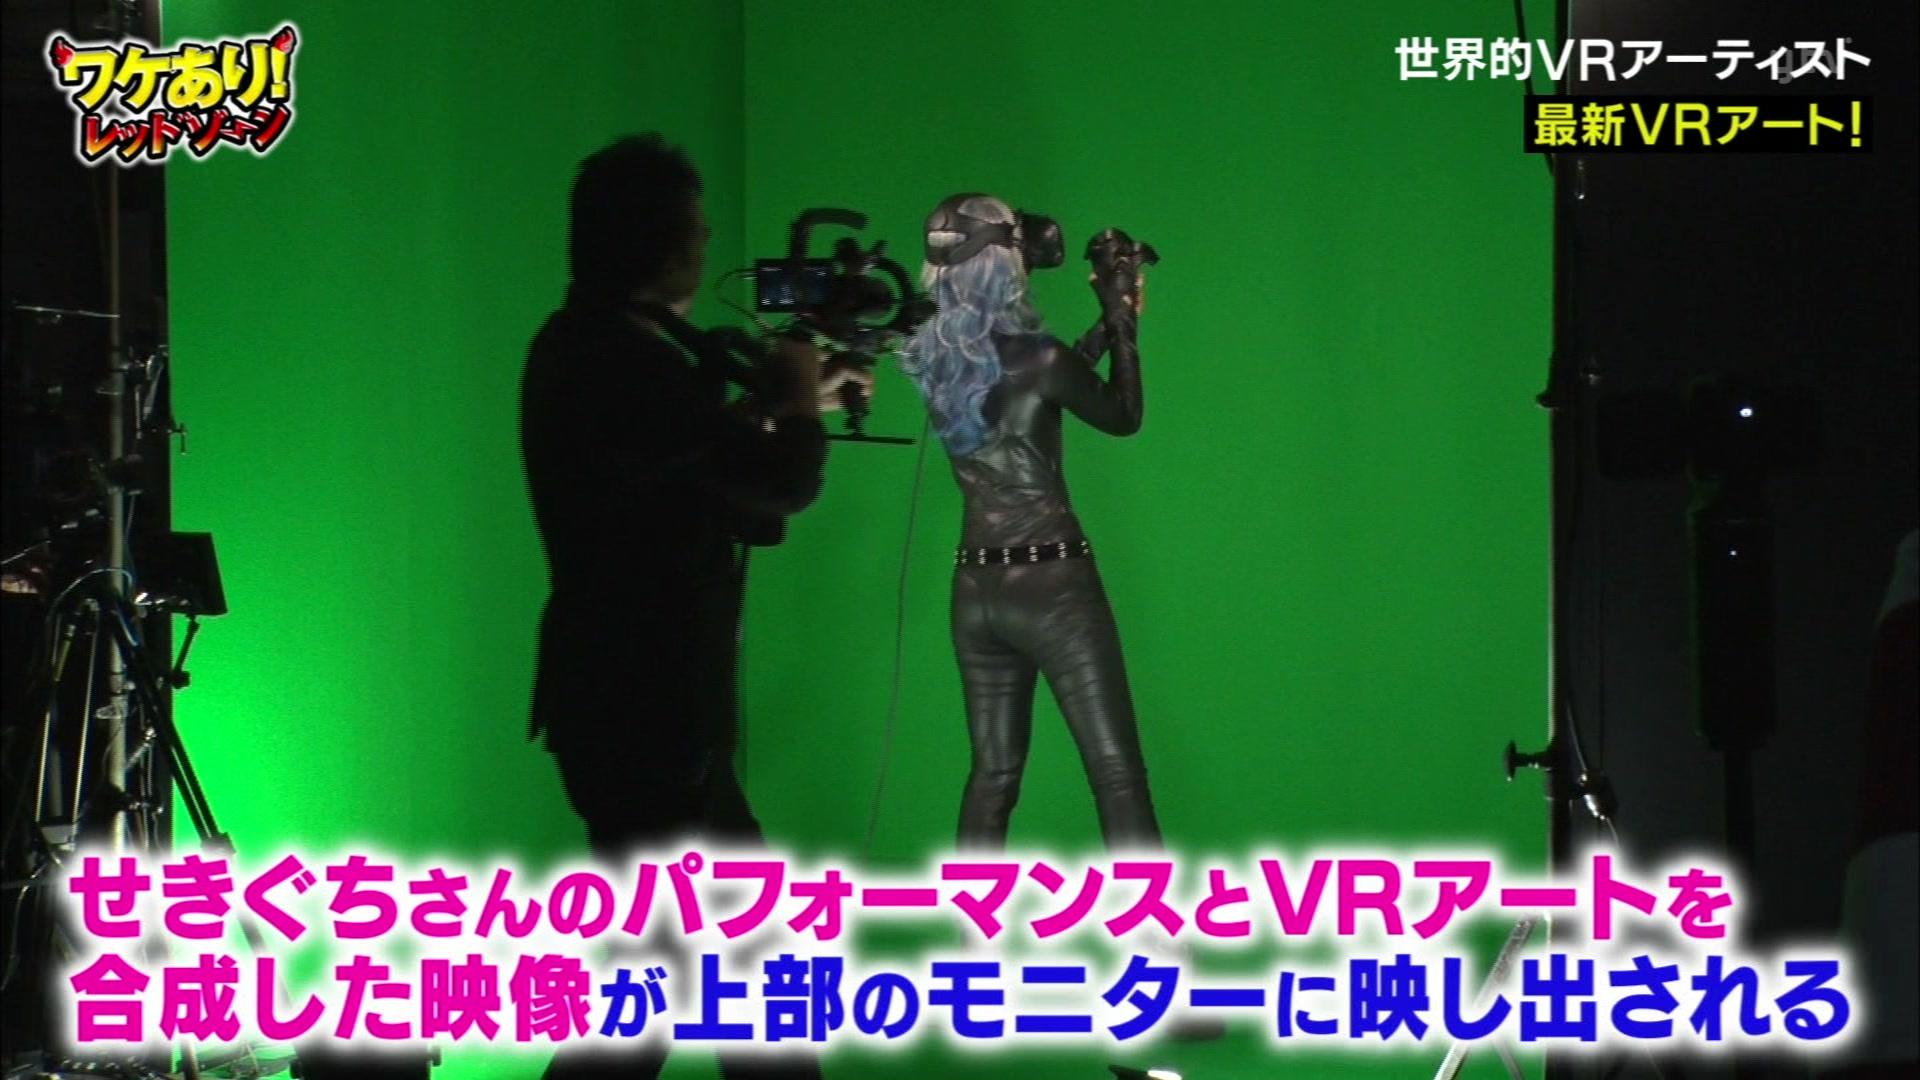 ワケありレッドゾーン・せきぐちあいみさんのテレビキャプチャー画像-046